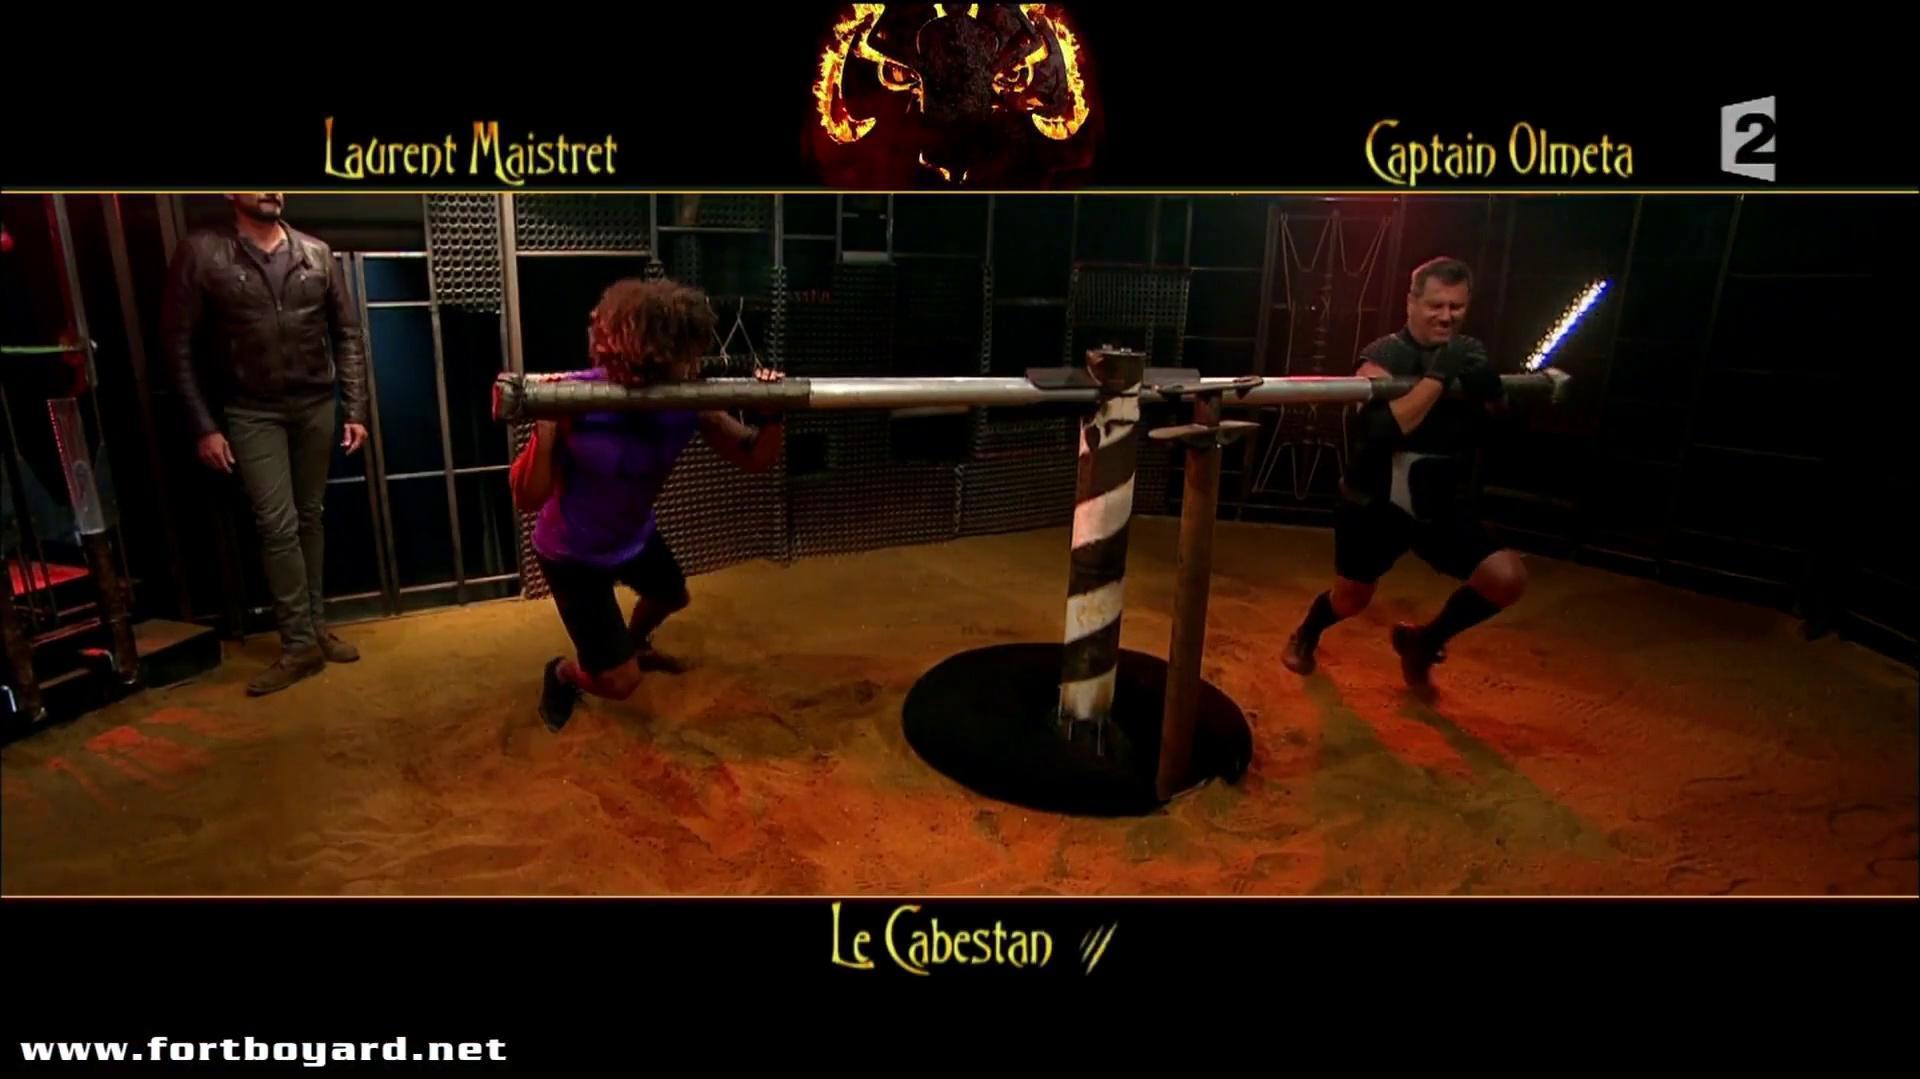 Fort Boyard 2015 duel du Cabestan entre Laurent Maistret et Captain Olmeta (émission du 4 juillet 2015)